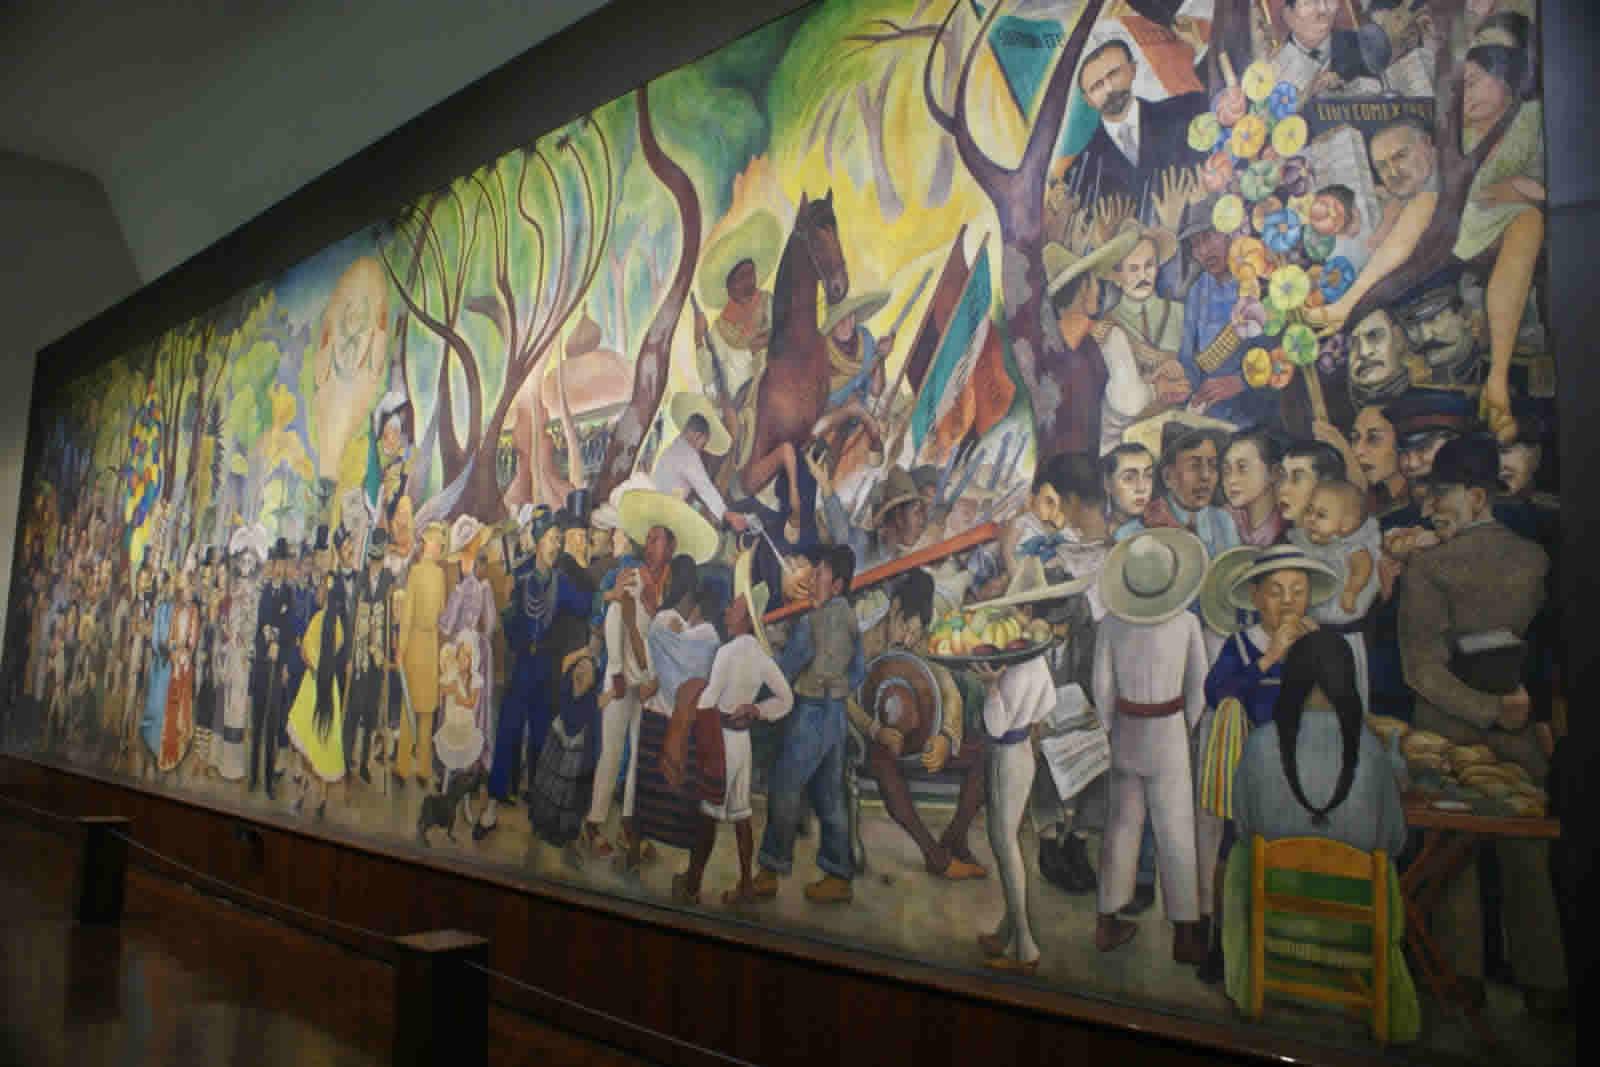 Museo mural diego rivera ciudad de m xico turimexico for Un mural de diego rivera